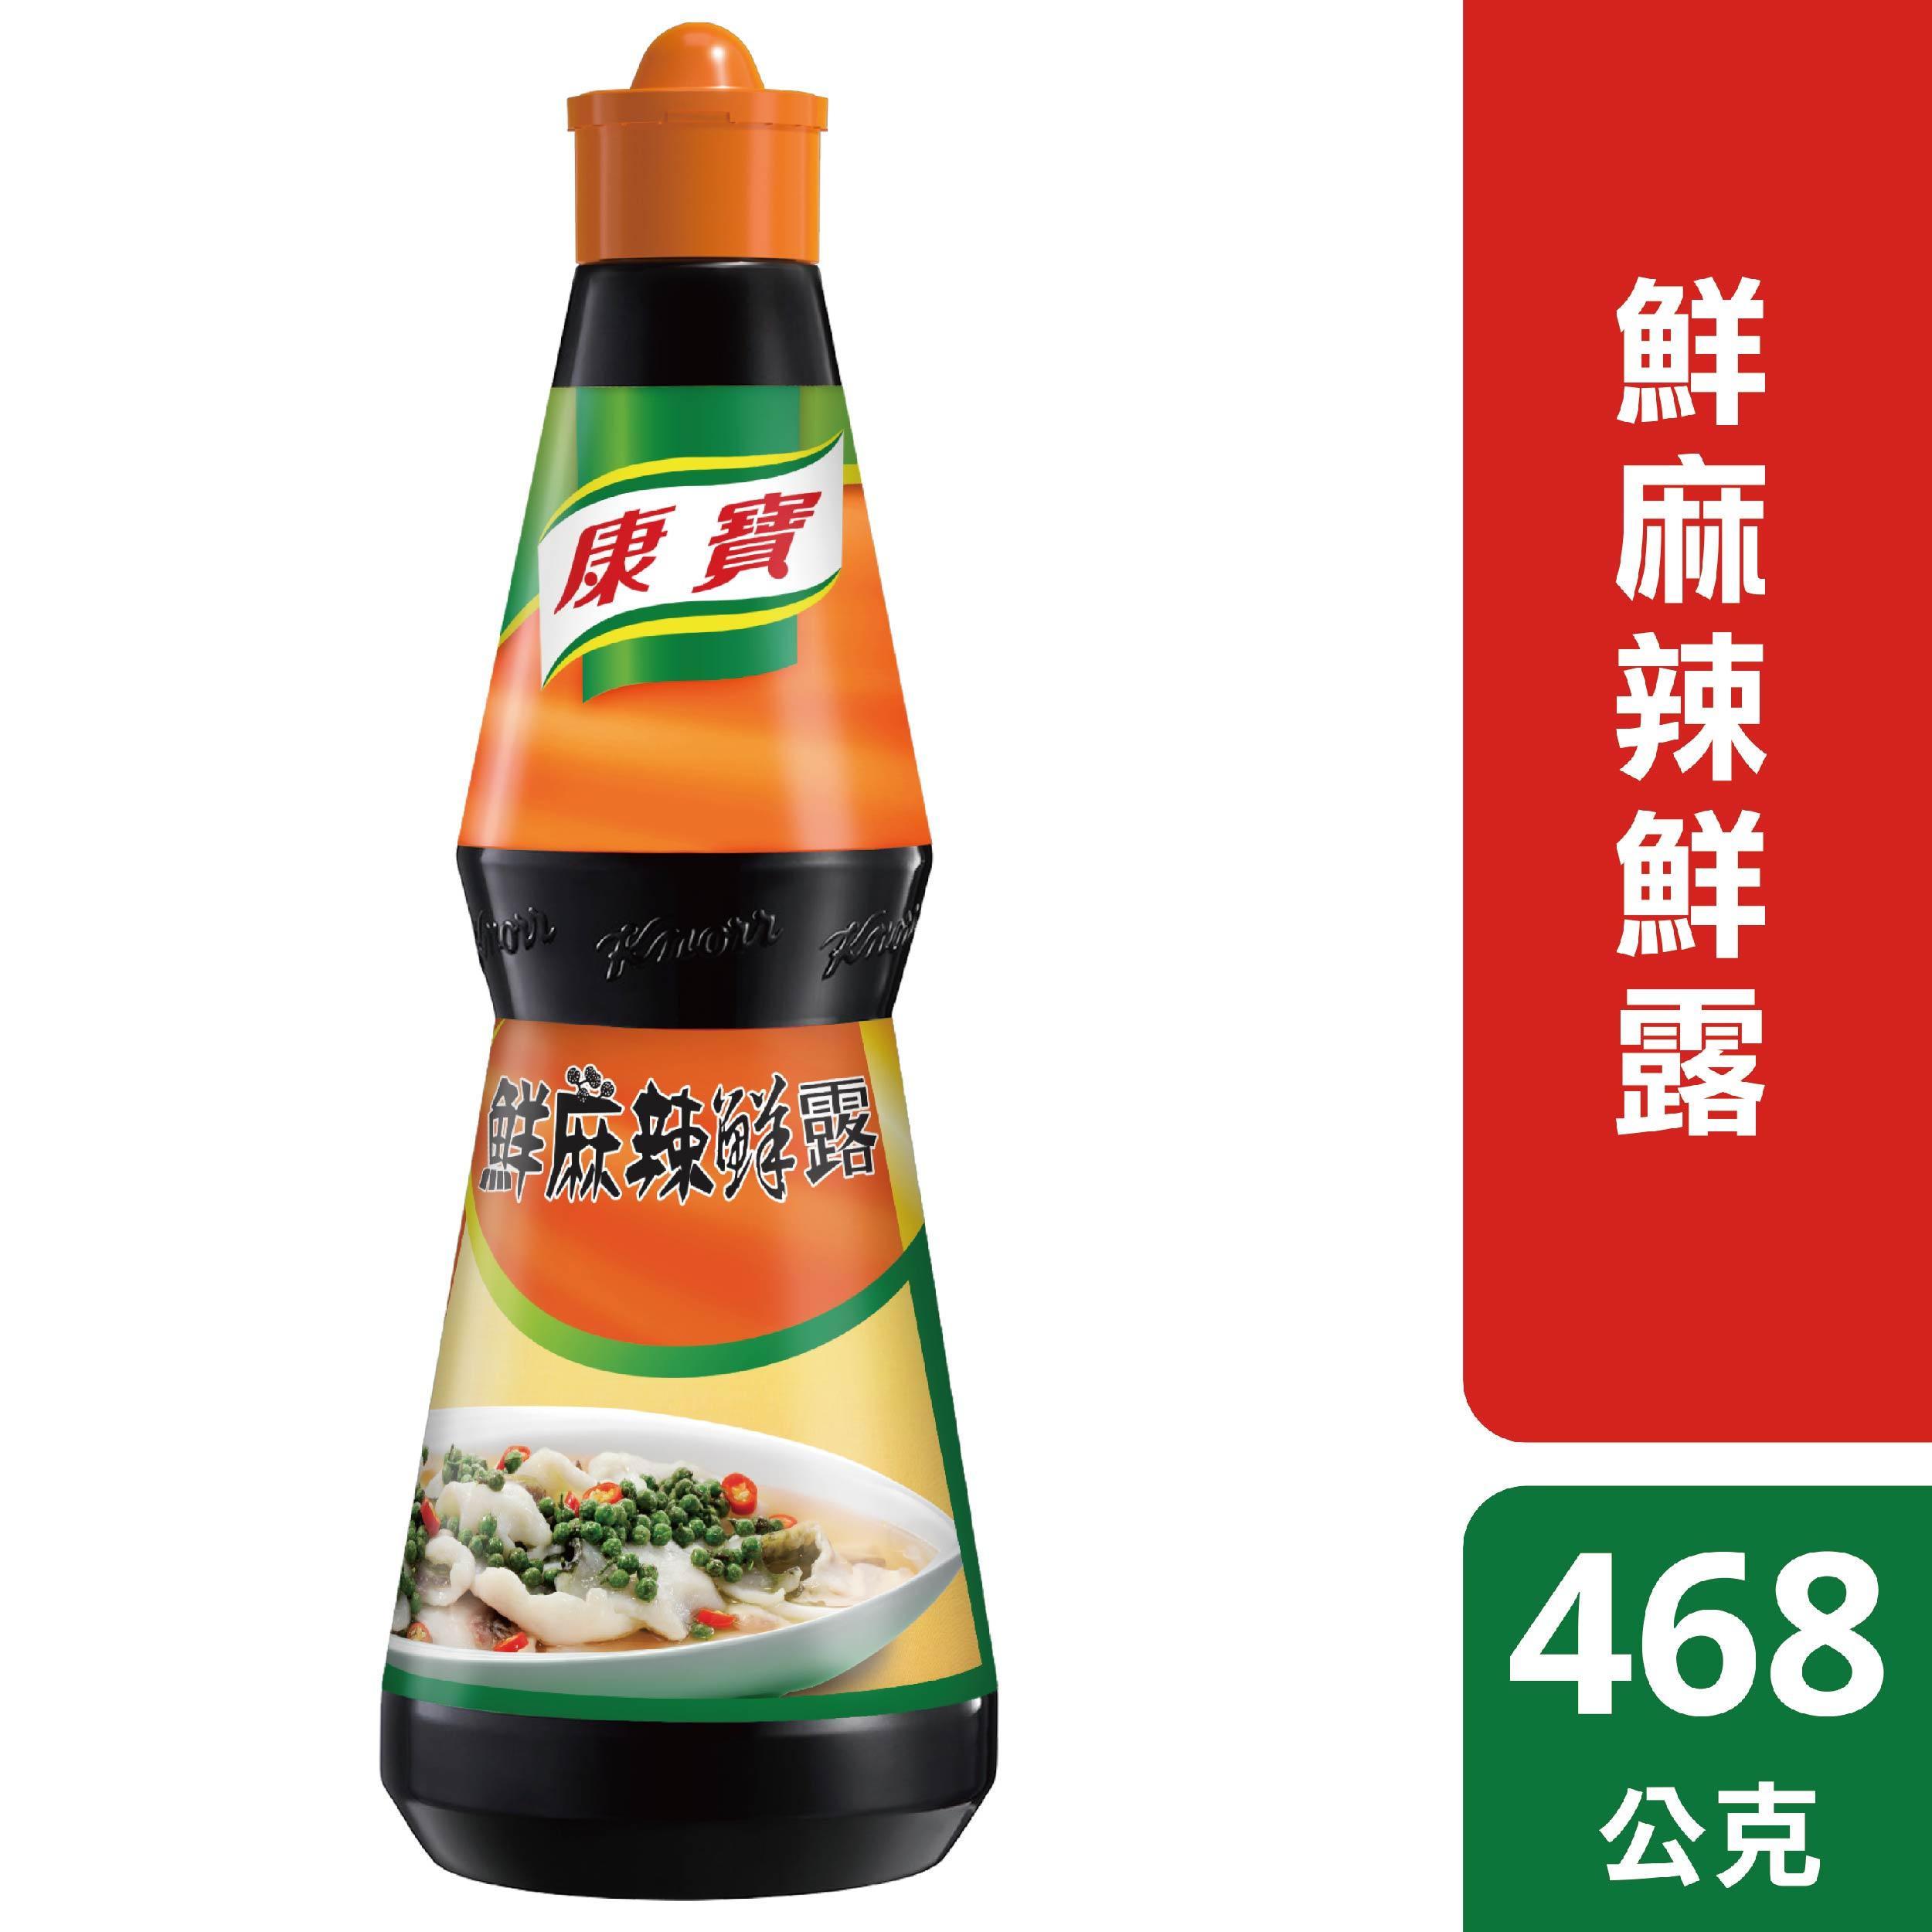 康寶鮮麻辣鮮露 - 康寶鮮麻辣鮮露,濃縮優質青花椒、紅花椒,做出正宗麻辣菜色。